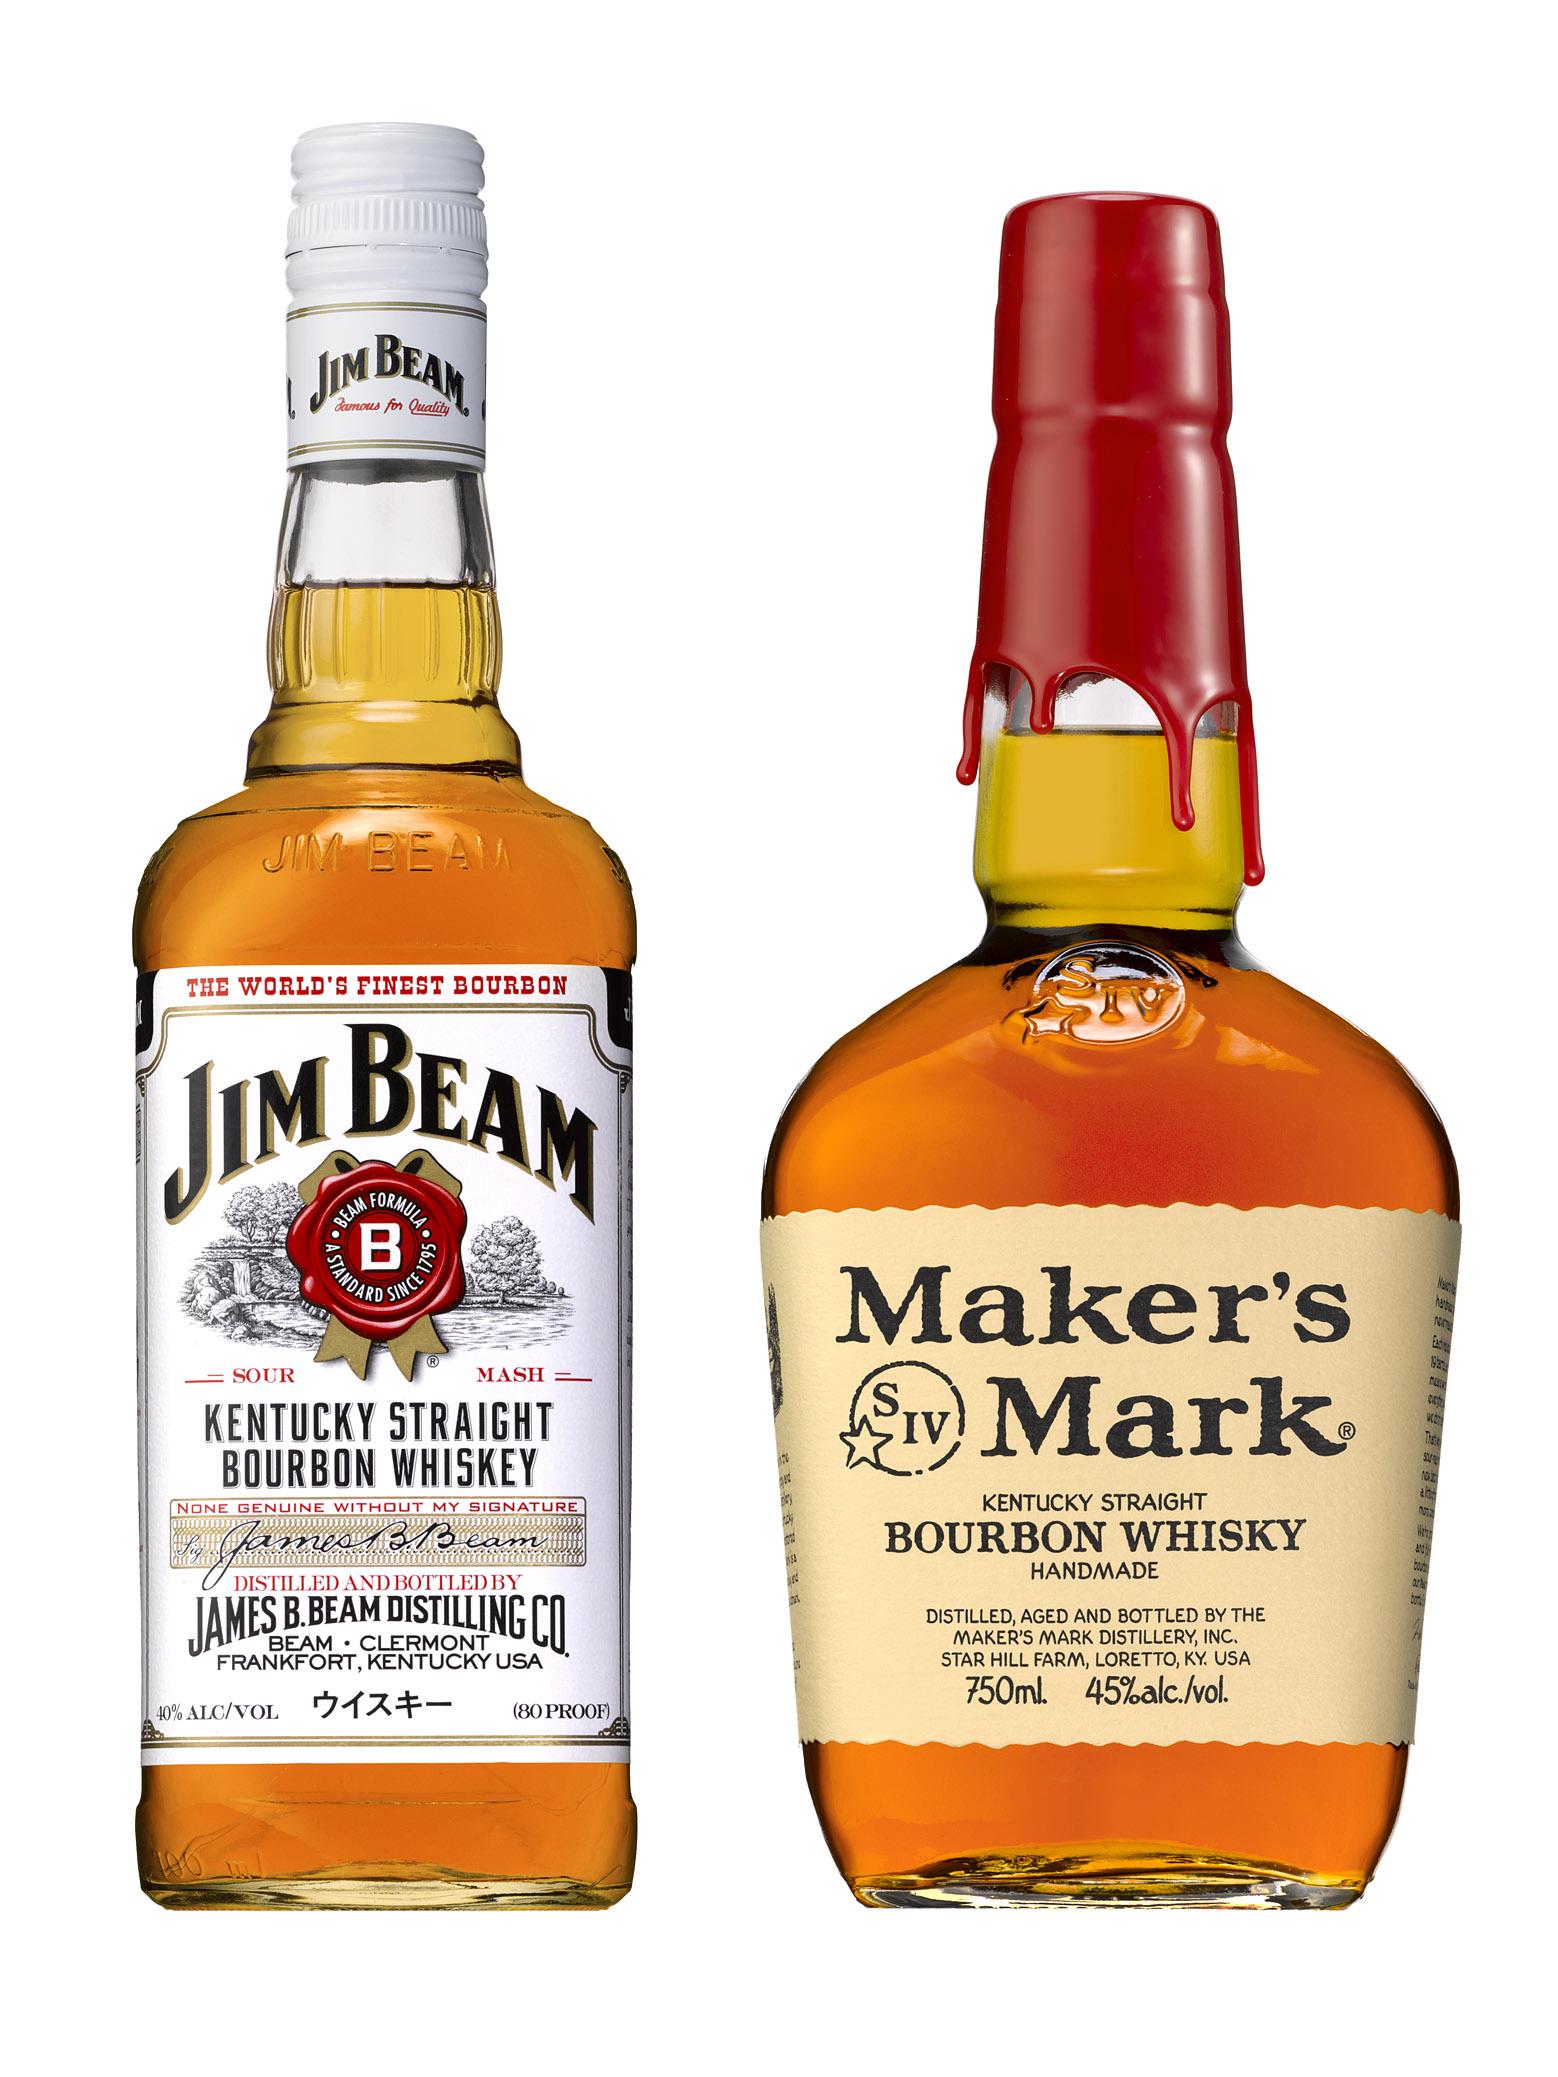 世界No.1※バーボンウイスキー「ジムビーム」など輸入酒10ブランド26品目新発売―米国大手スピリッツメーカー ビーム社との連携強化―